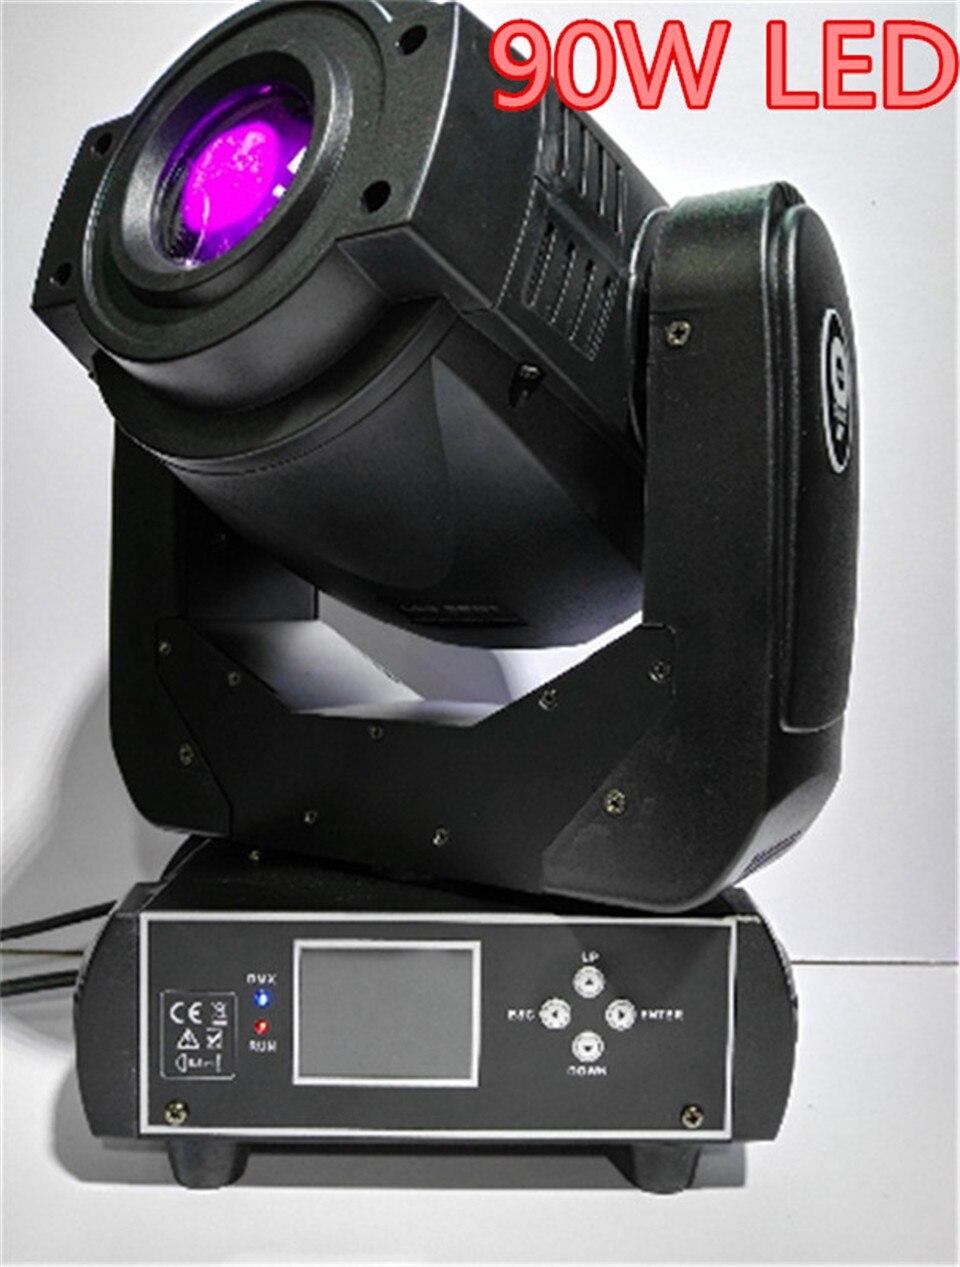 2X90 W LED Punto Capo Commovente di Illuminazione Della Fase 6/16 Canali DMX Hi-Quality Vendite Calde 90 W-face Prisma Ha Portato Luce In Movimento Nuovo Disegno